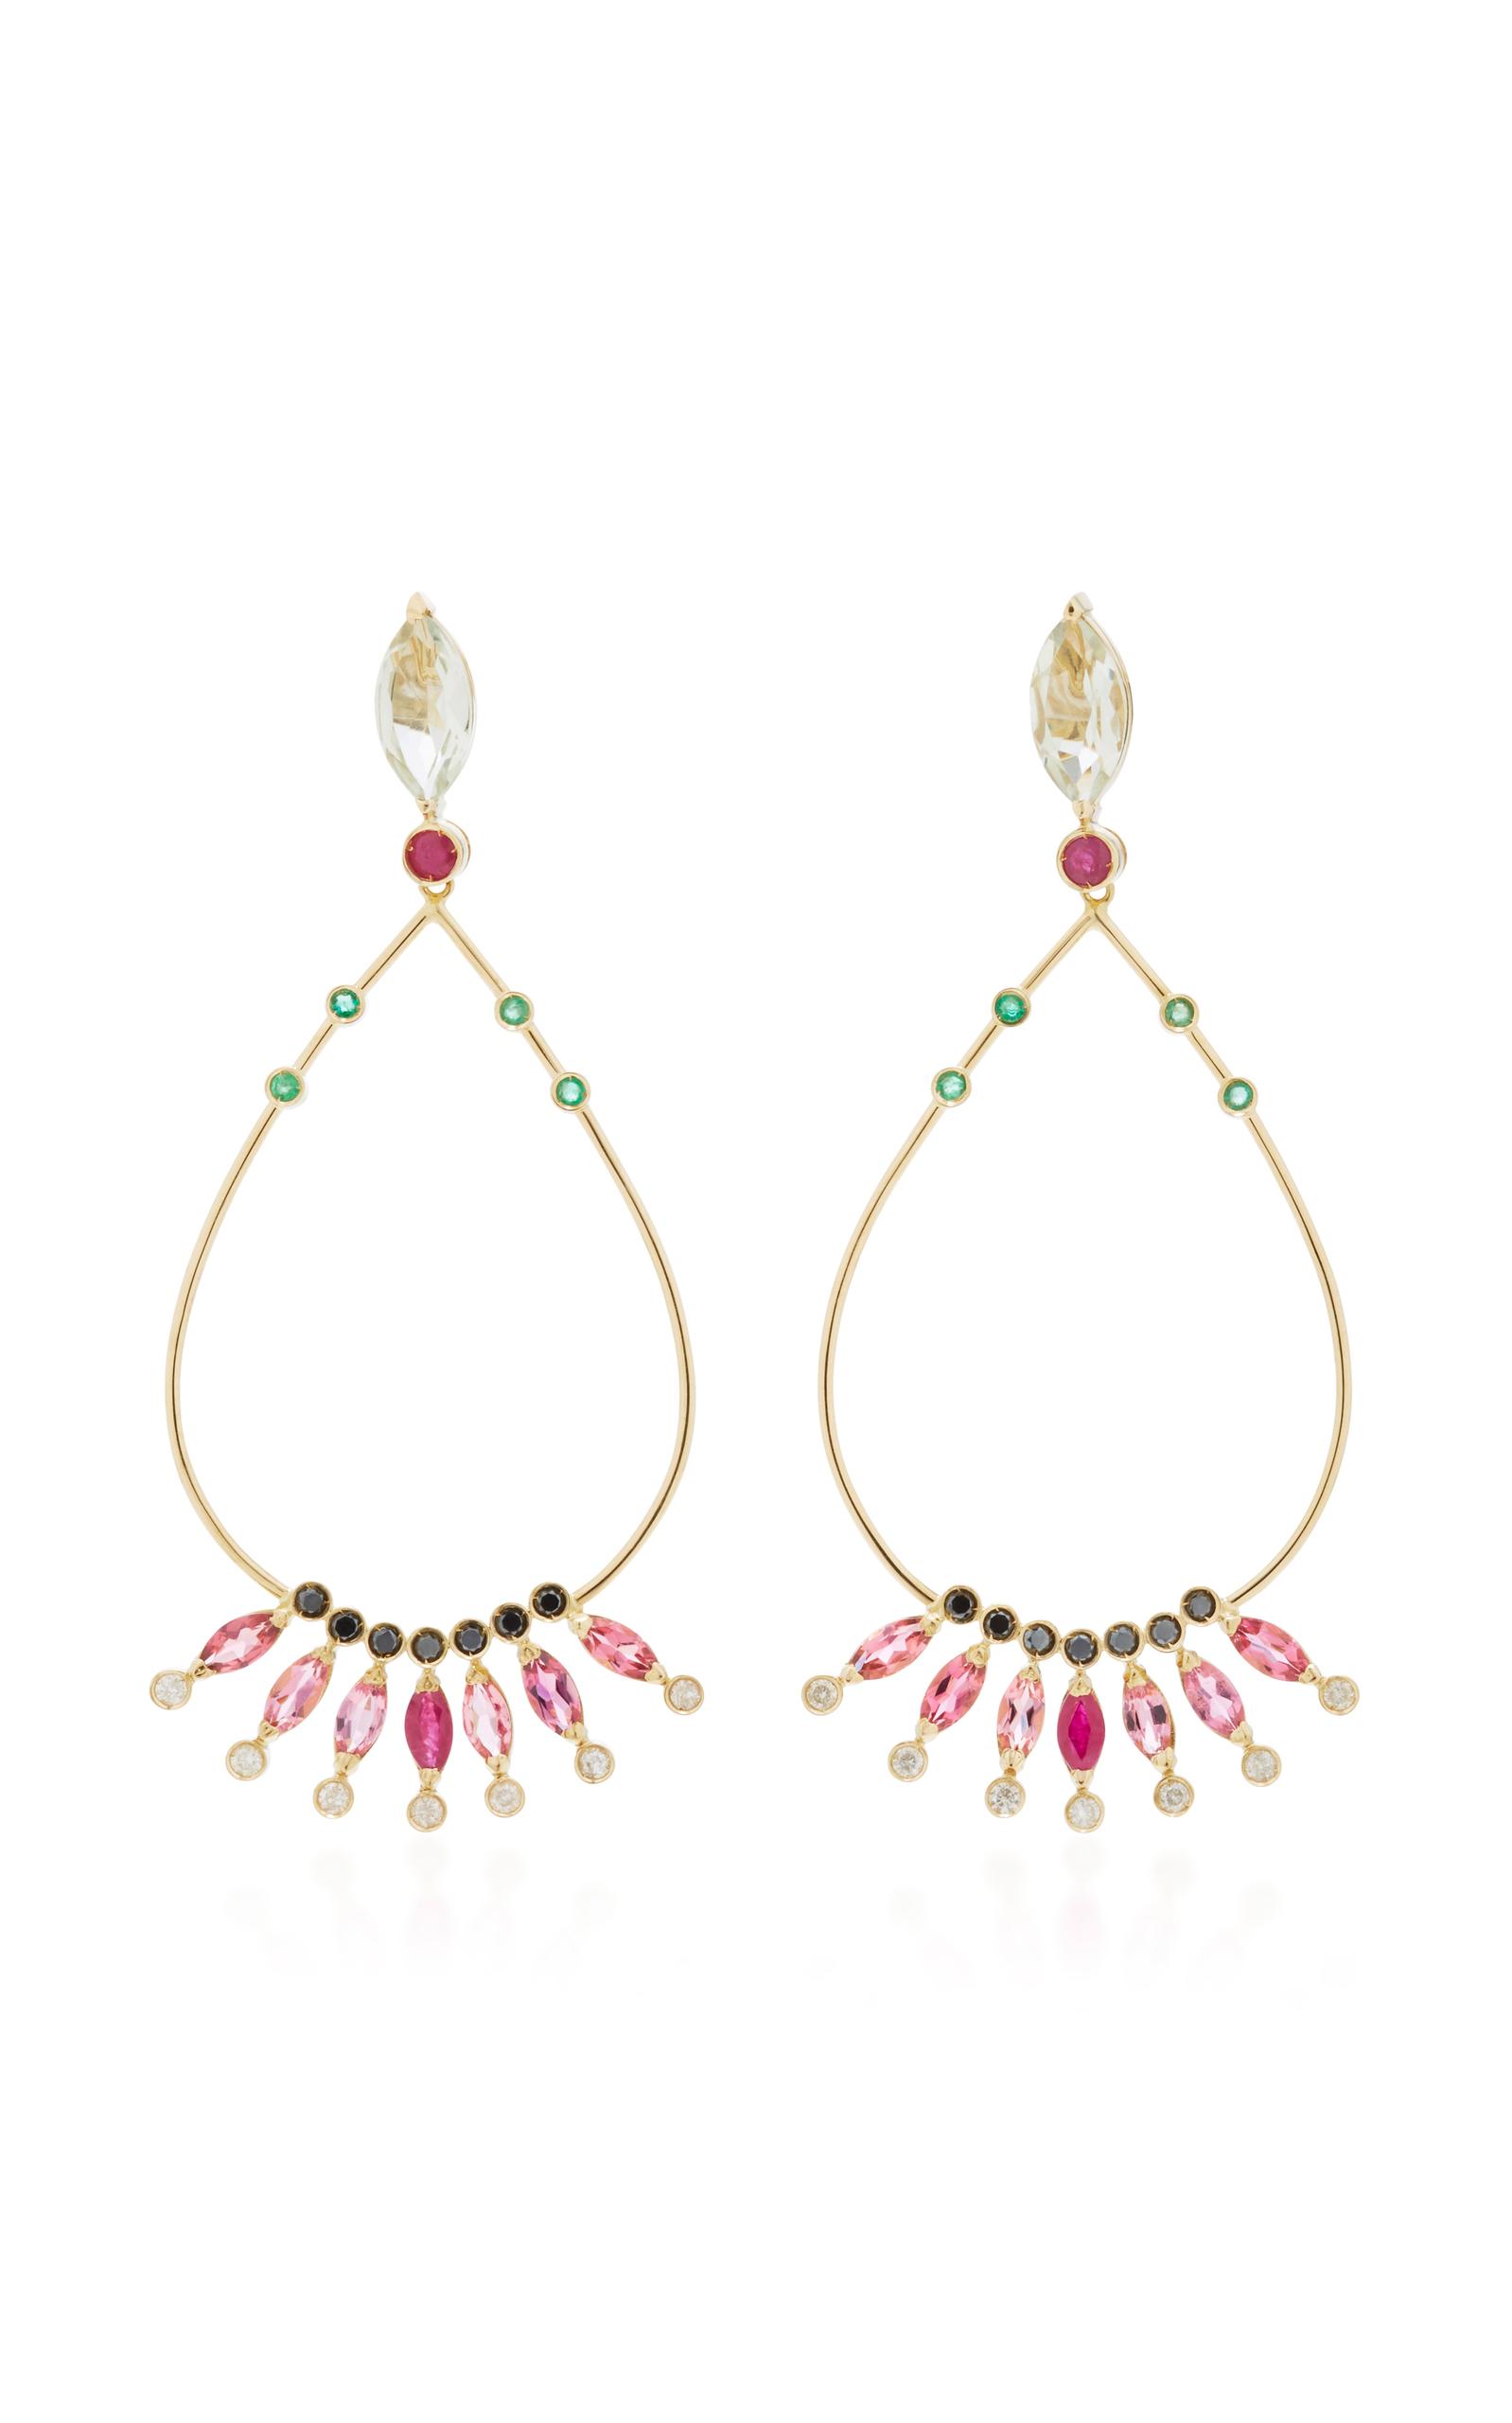 18 K Gold Multi Stone Drop Earrings by Carolina Neves